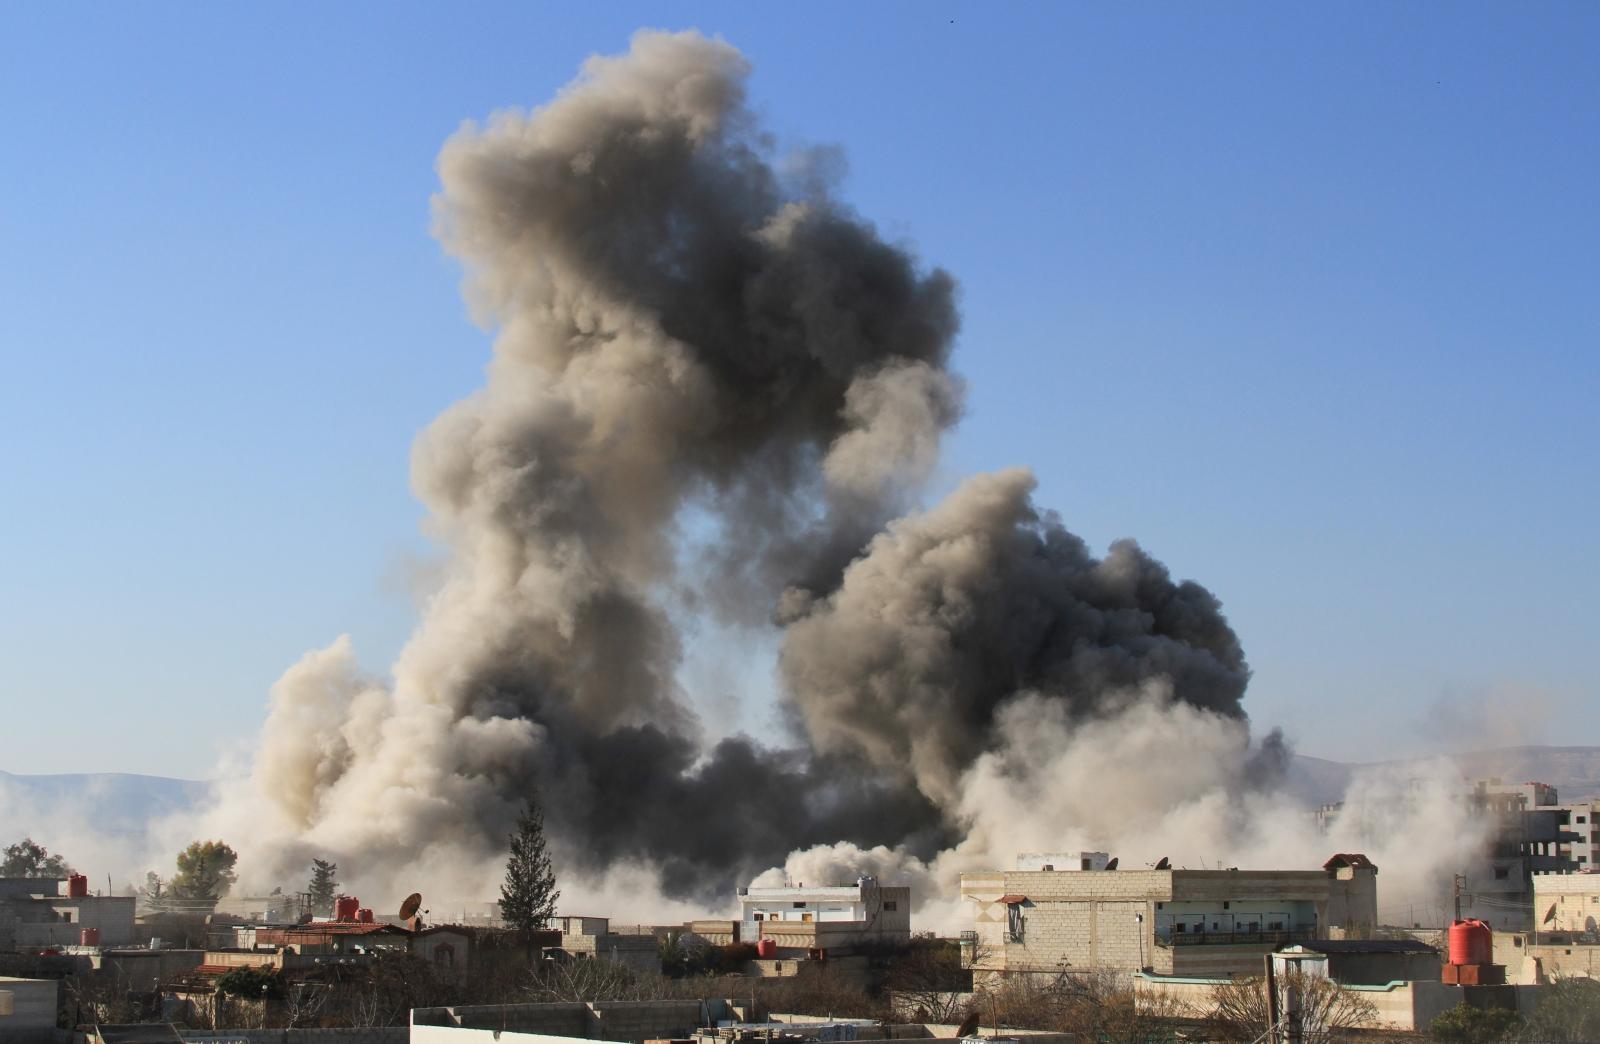 Daraya, Syria